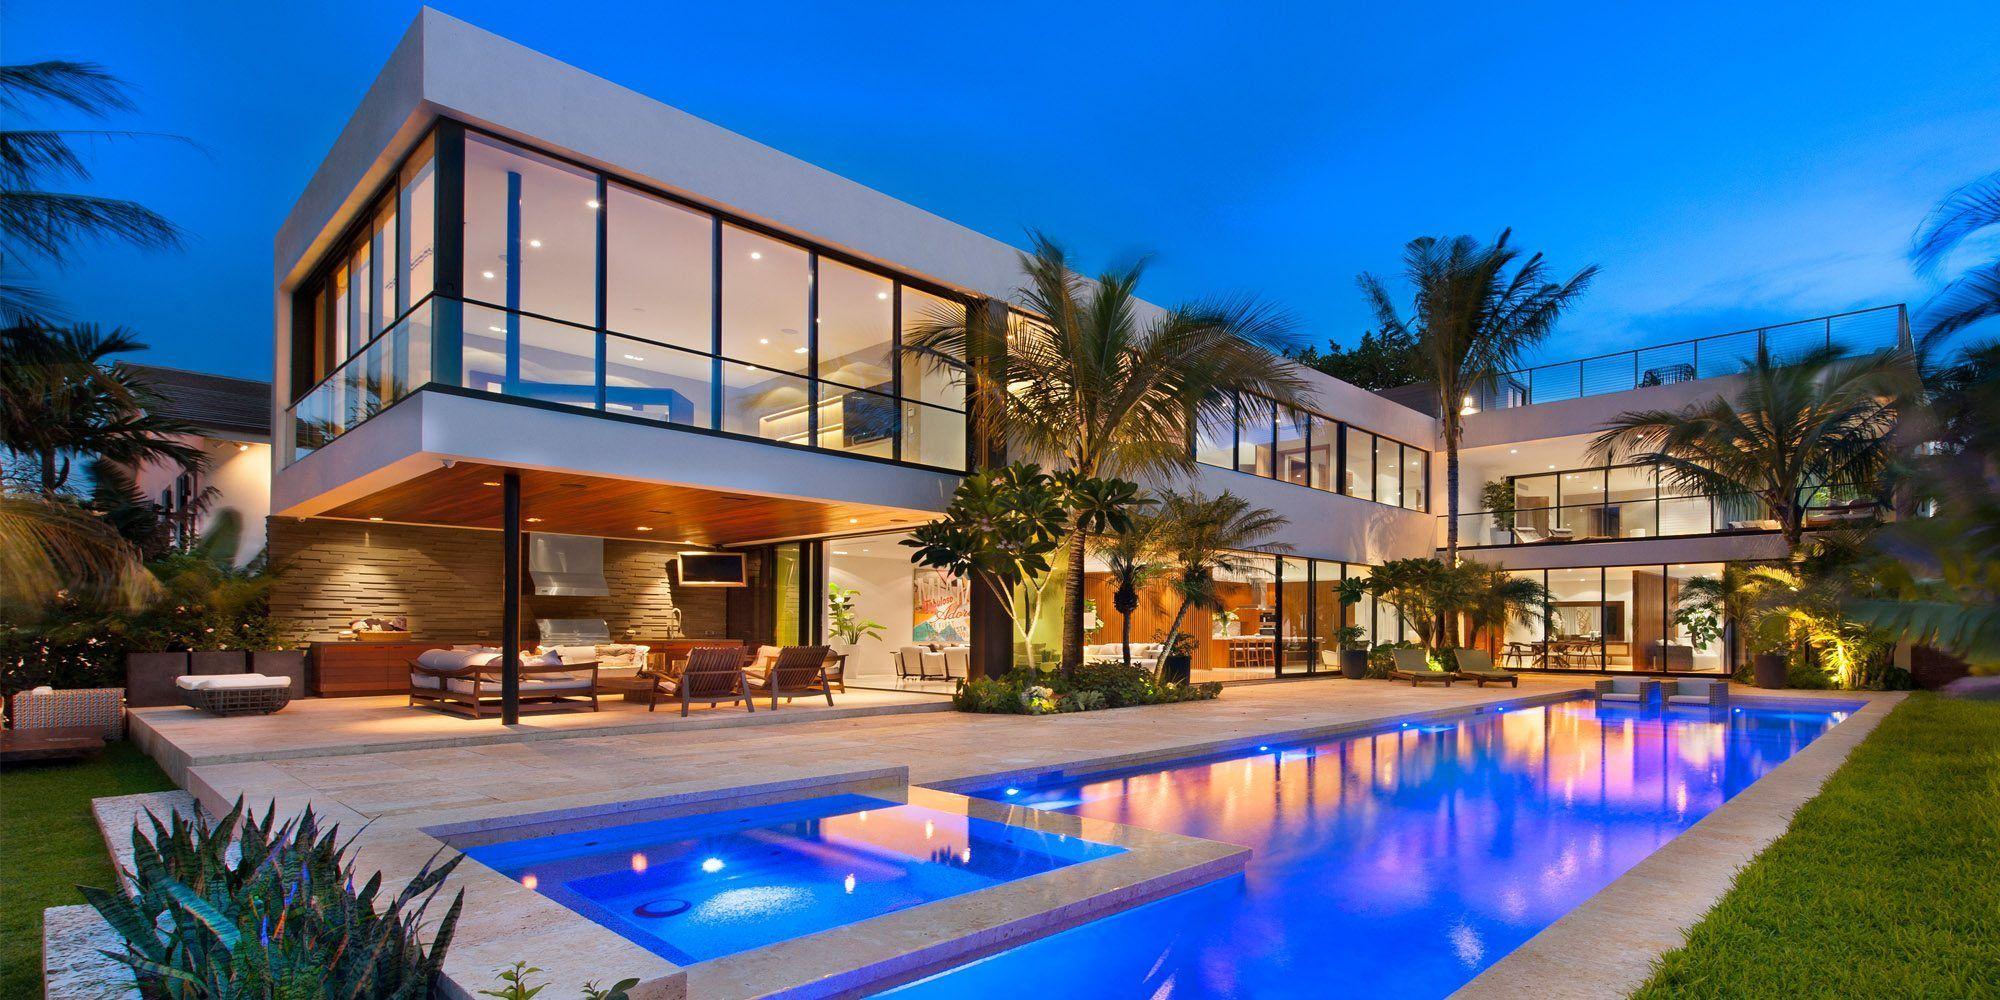 Inversión inmobiliaria de peruanos en EE.UU